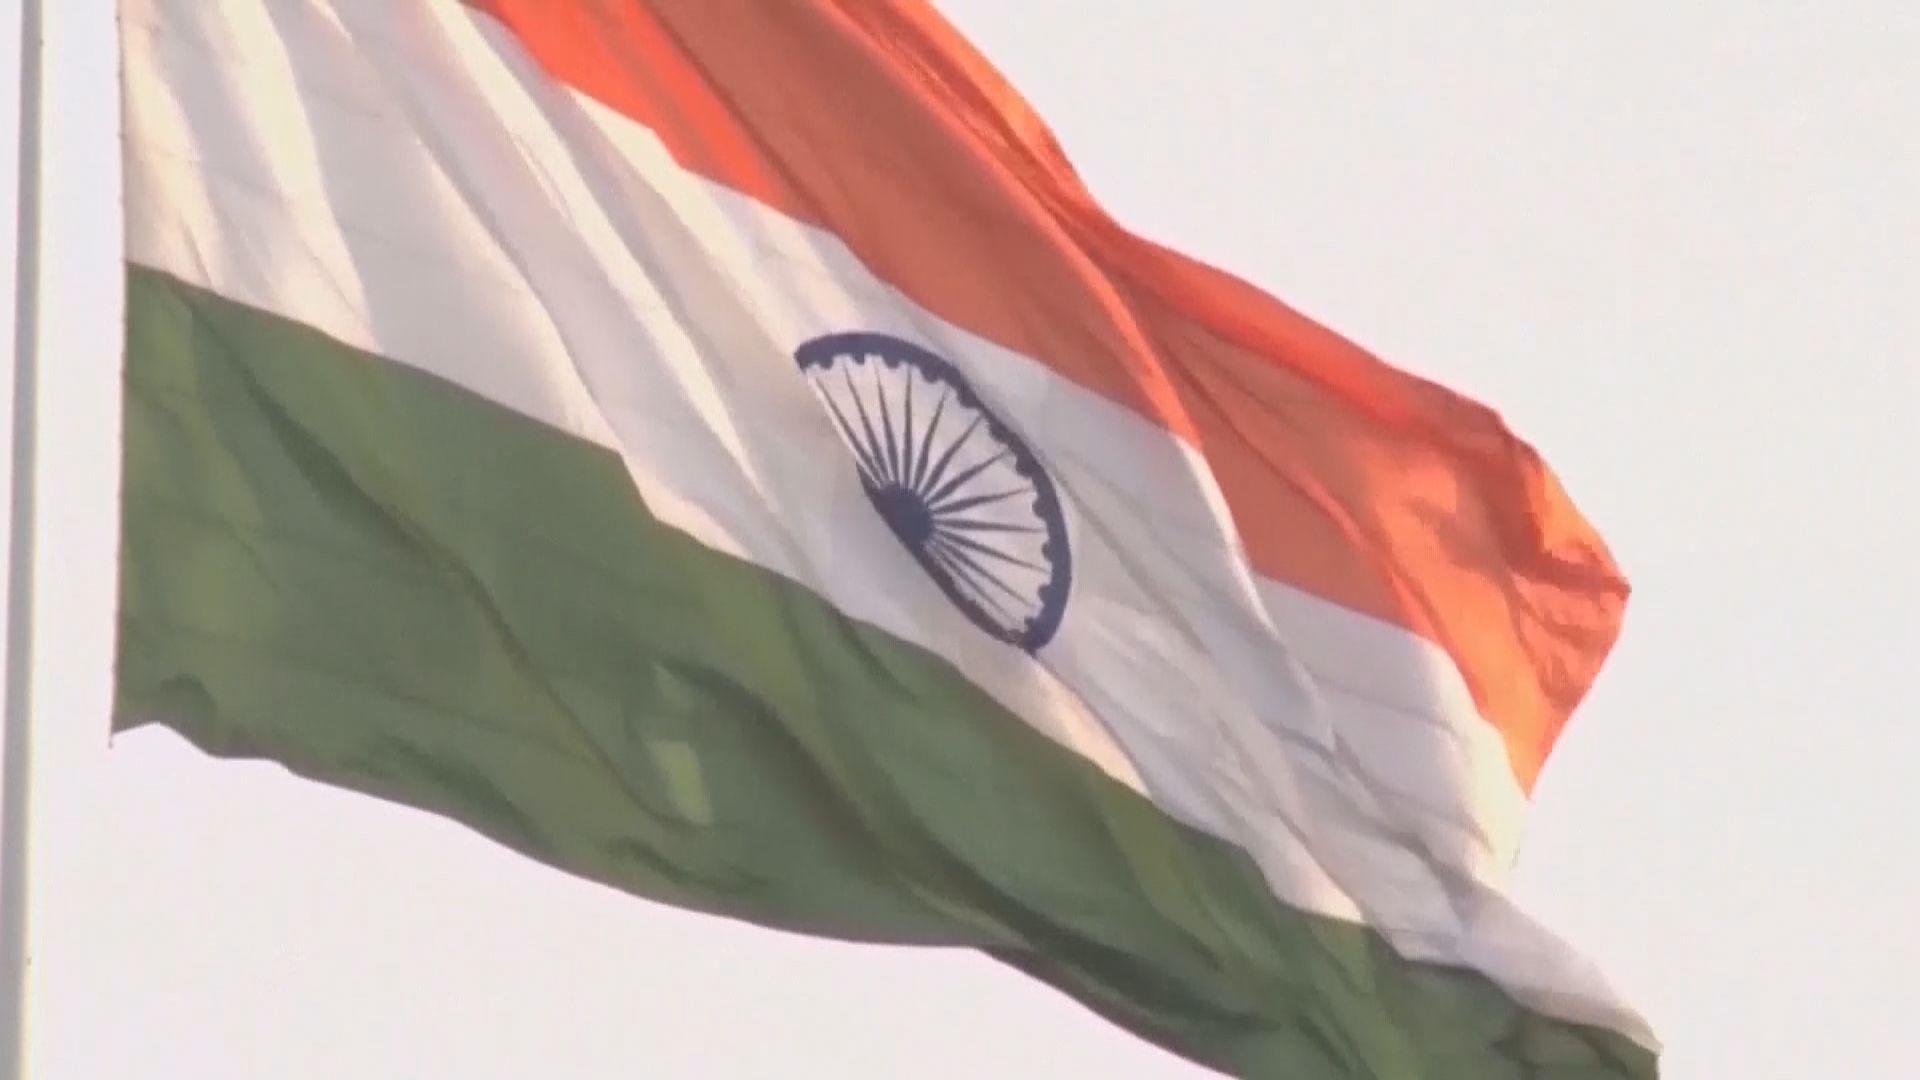 印度平民邊境失蹤向中國查詢 外交部:未得悉事件